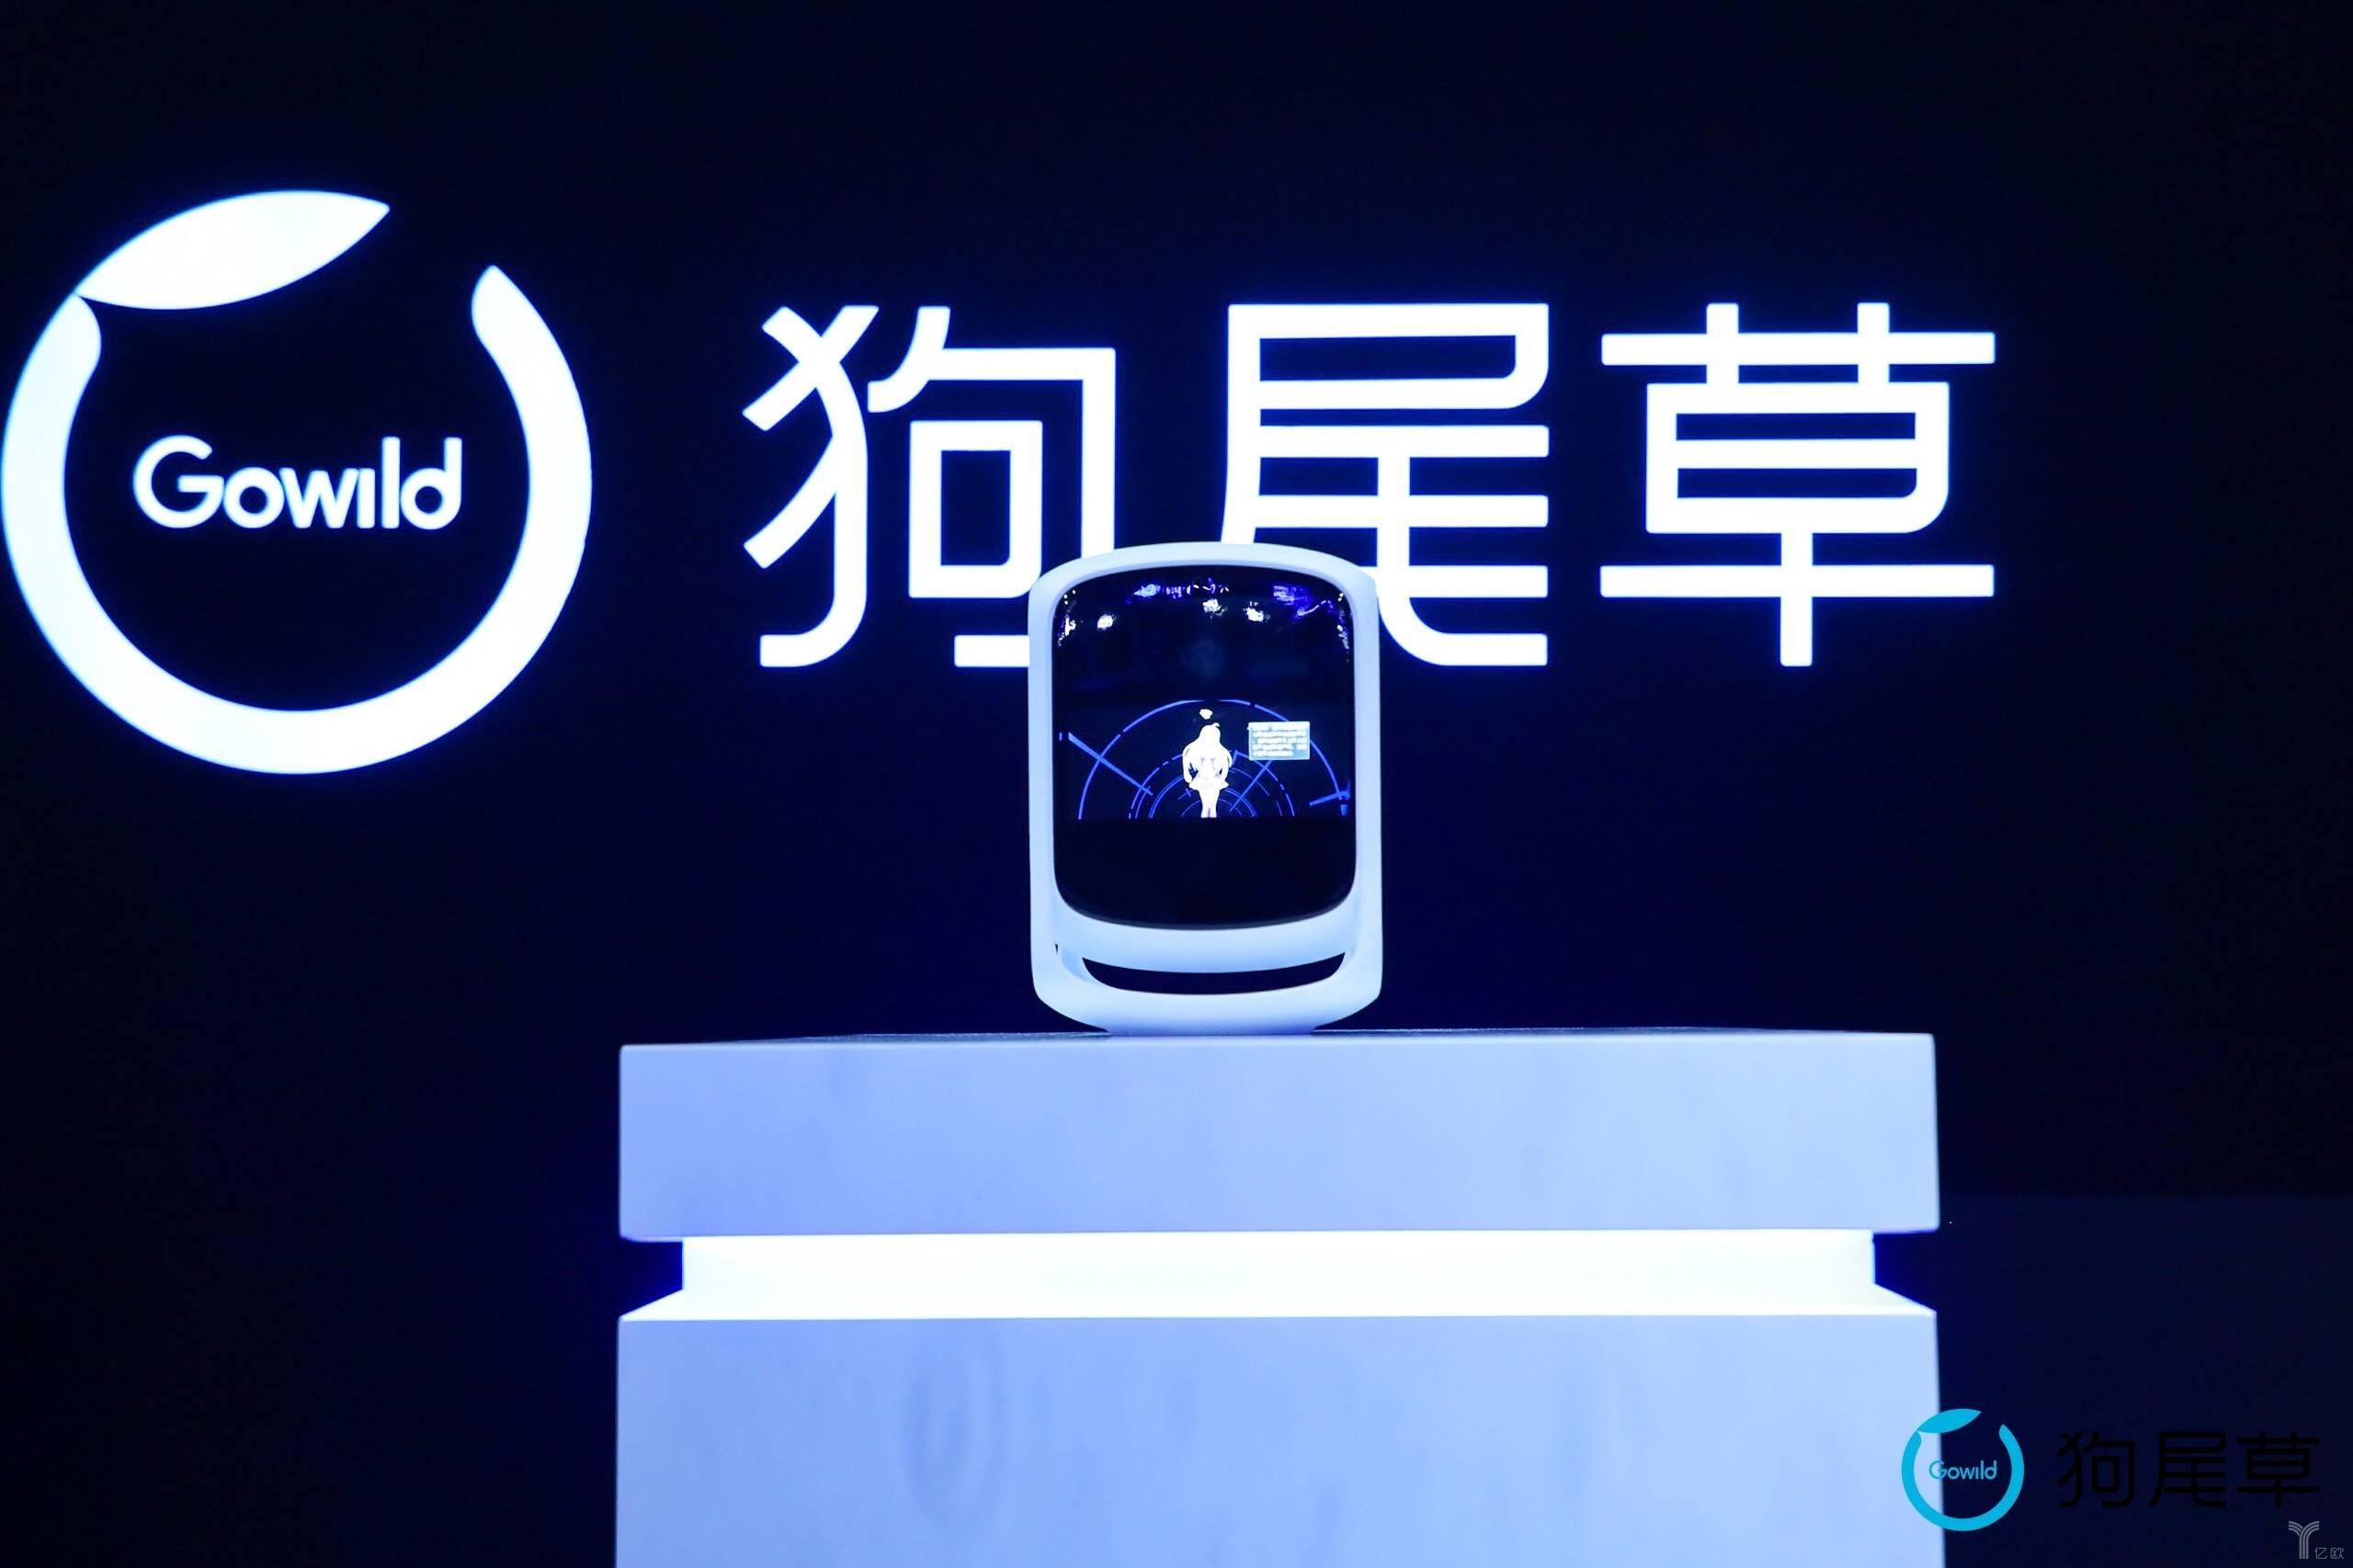 首发丨Gowild获1.5亿元A+轮战略融资,将推动AI虚拟生命大战略